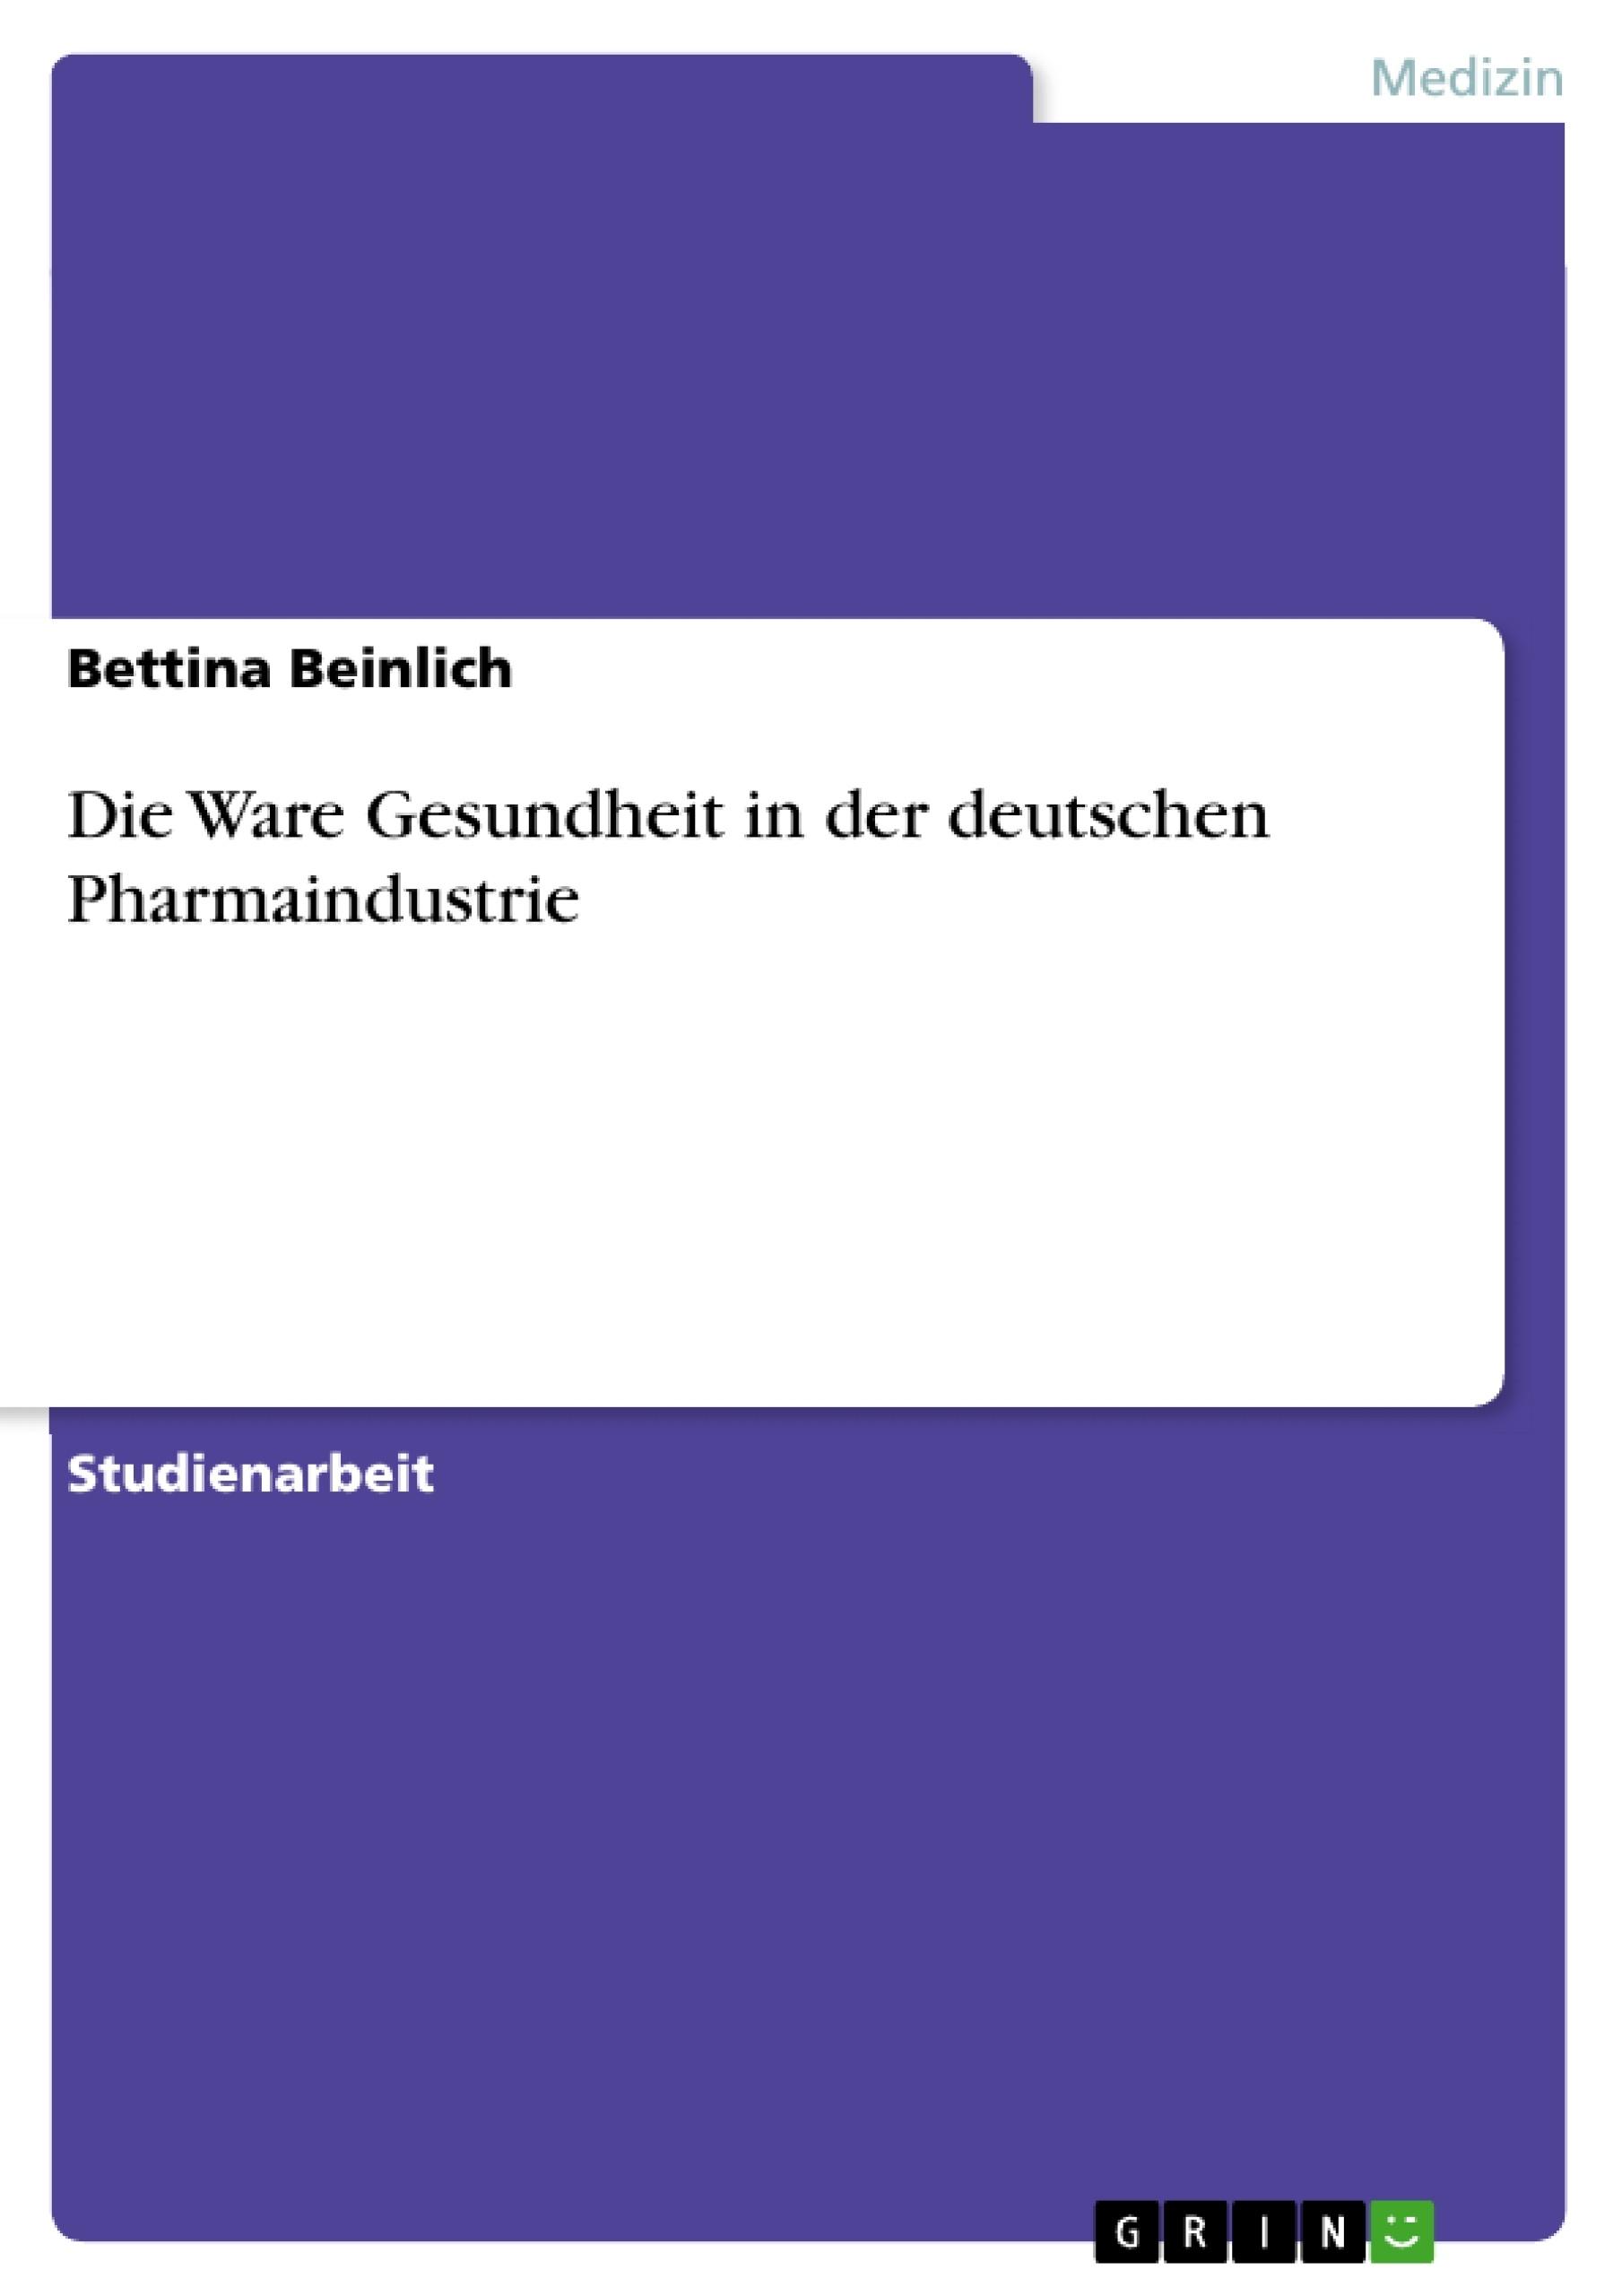 Titel: Die Ware Gesundheit in der deutschen Pharmaindustrie